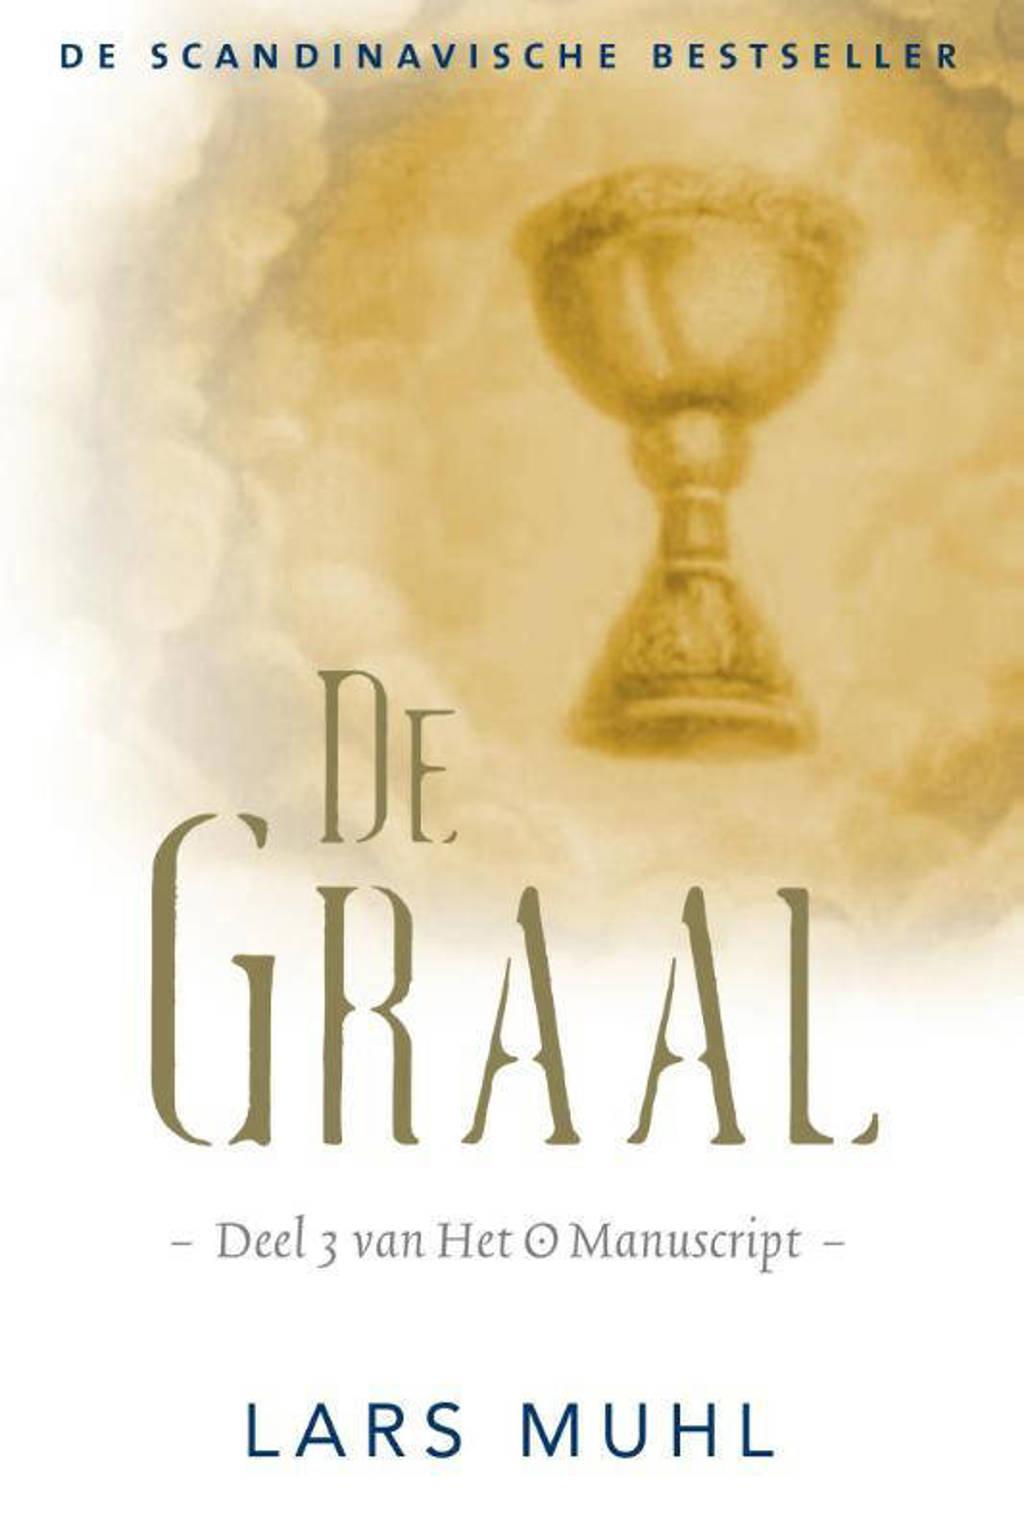 Het O Manuscript: De graal - Lars Muhl